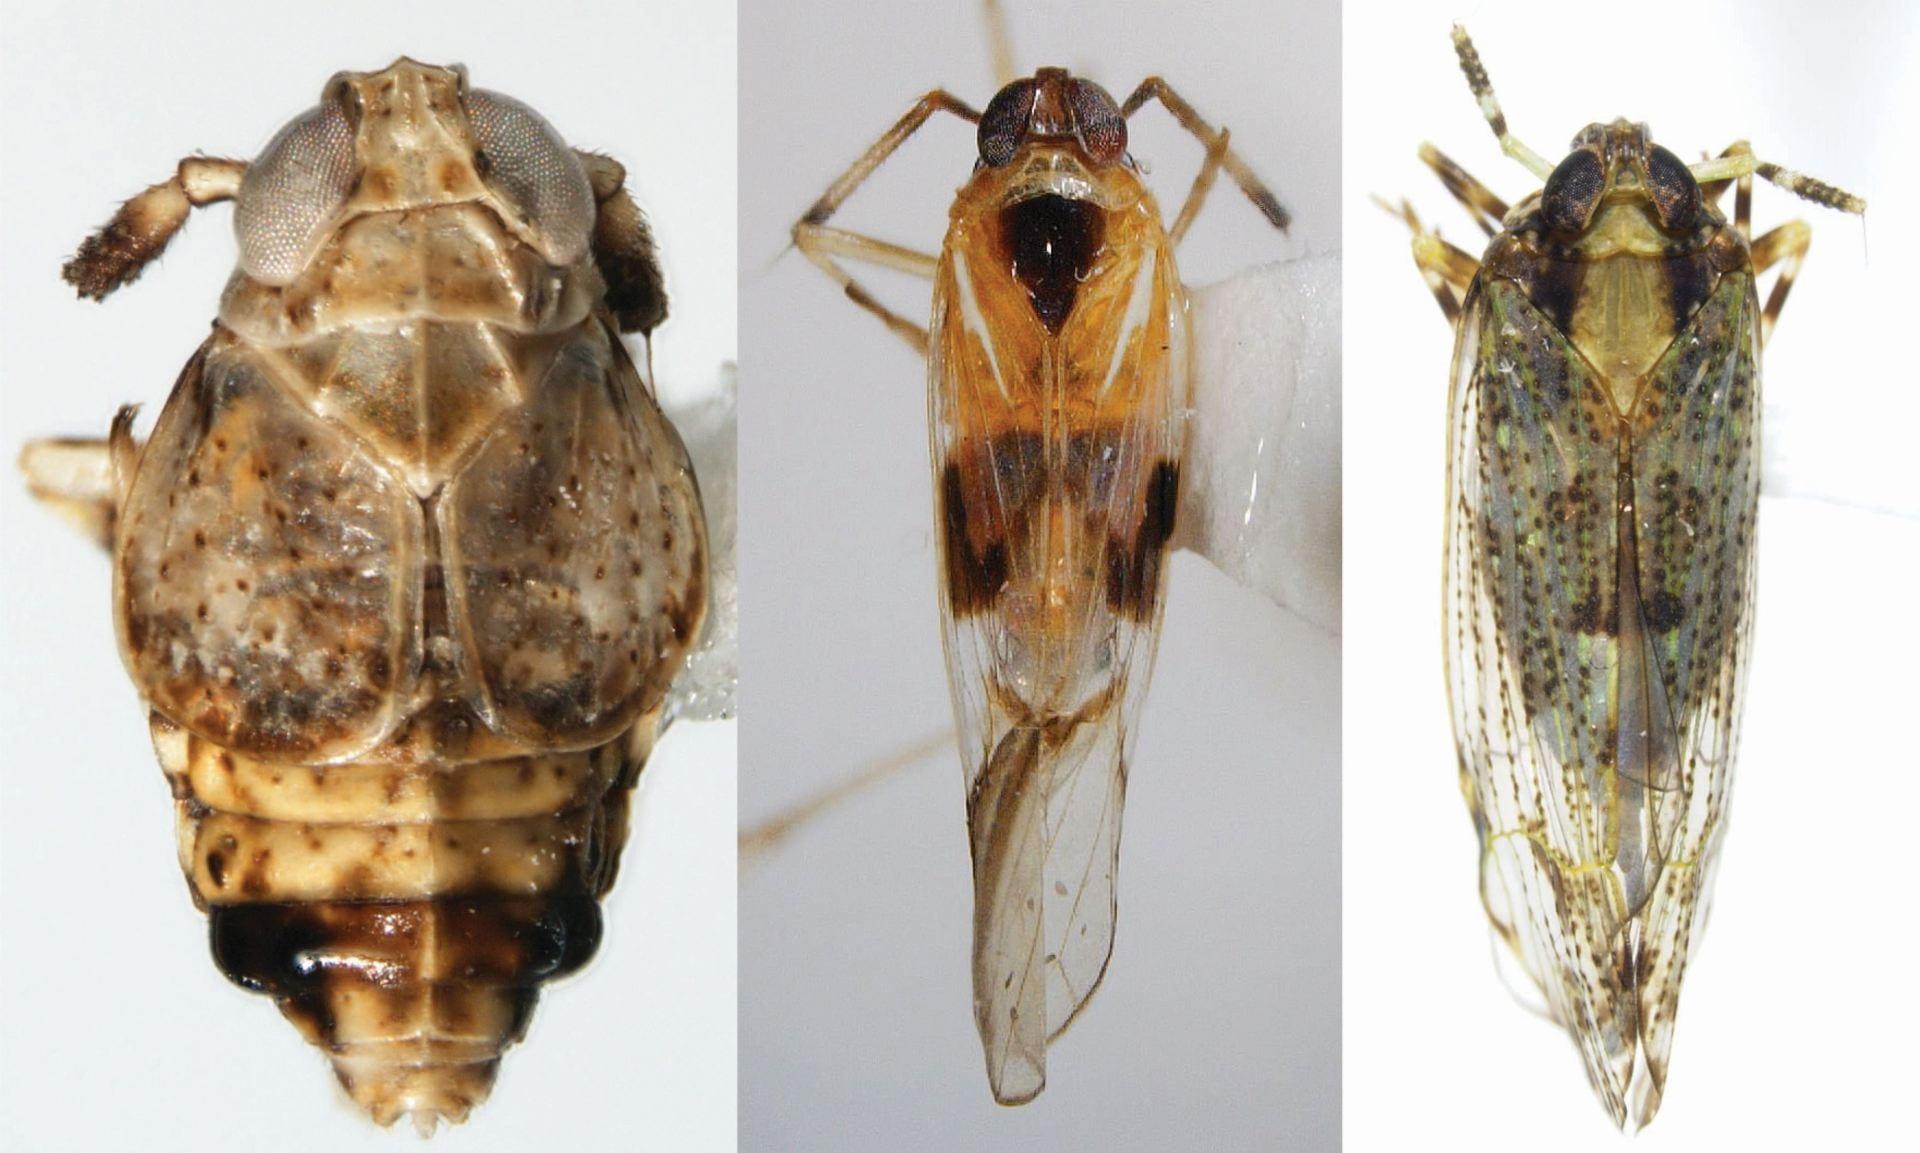 Pissonotus quadripustulatus, Lamaxa occidentalis, Ugyops stigmata